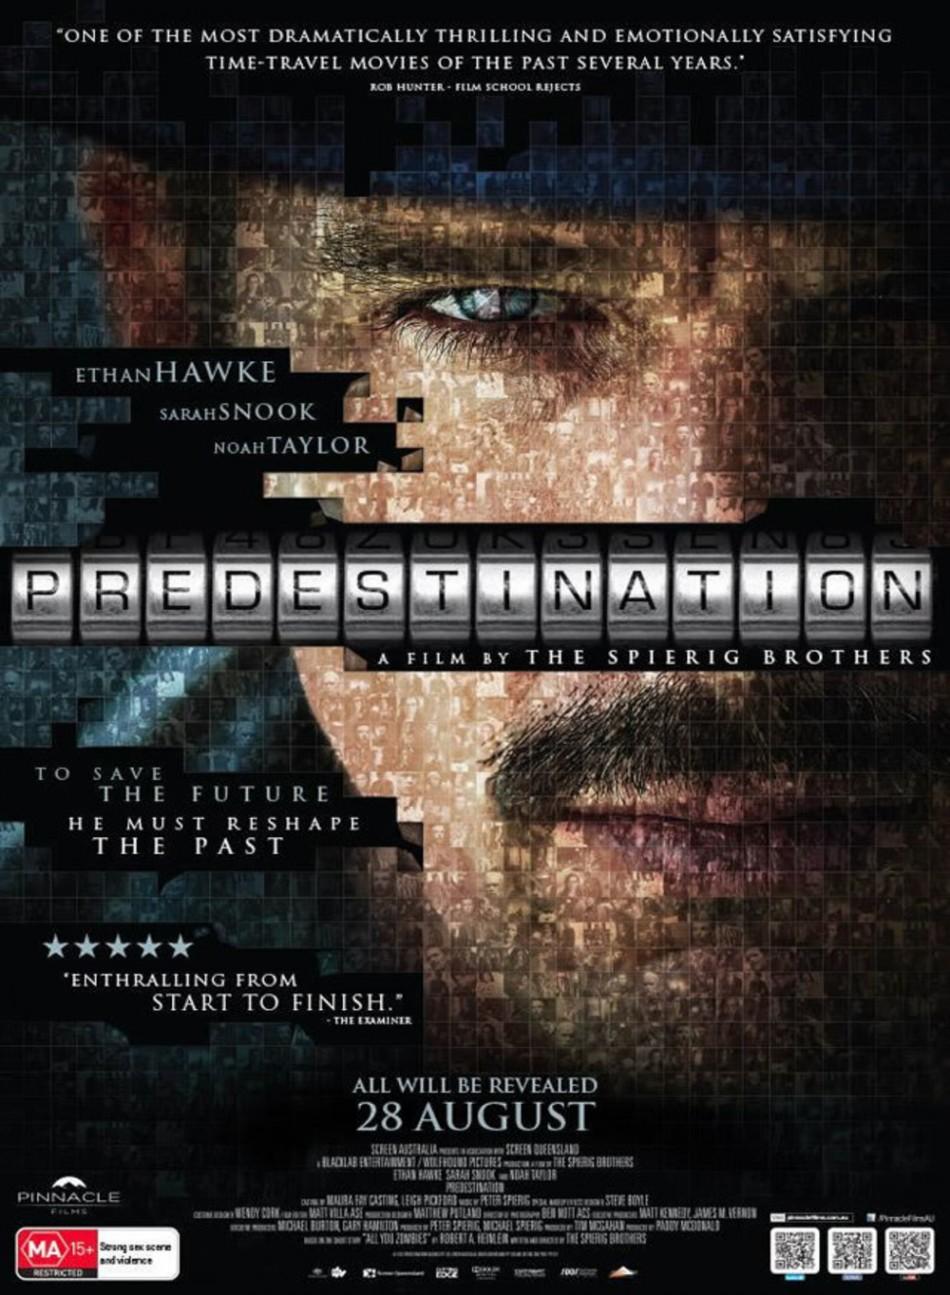 geekstra_Predestination-Movie-Poster